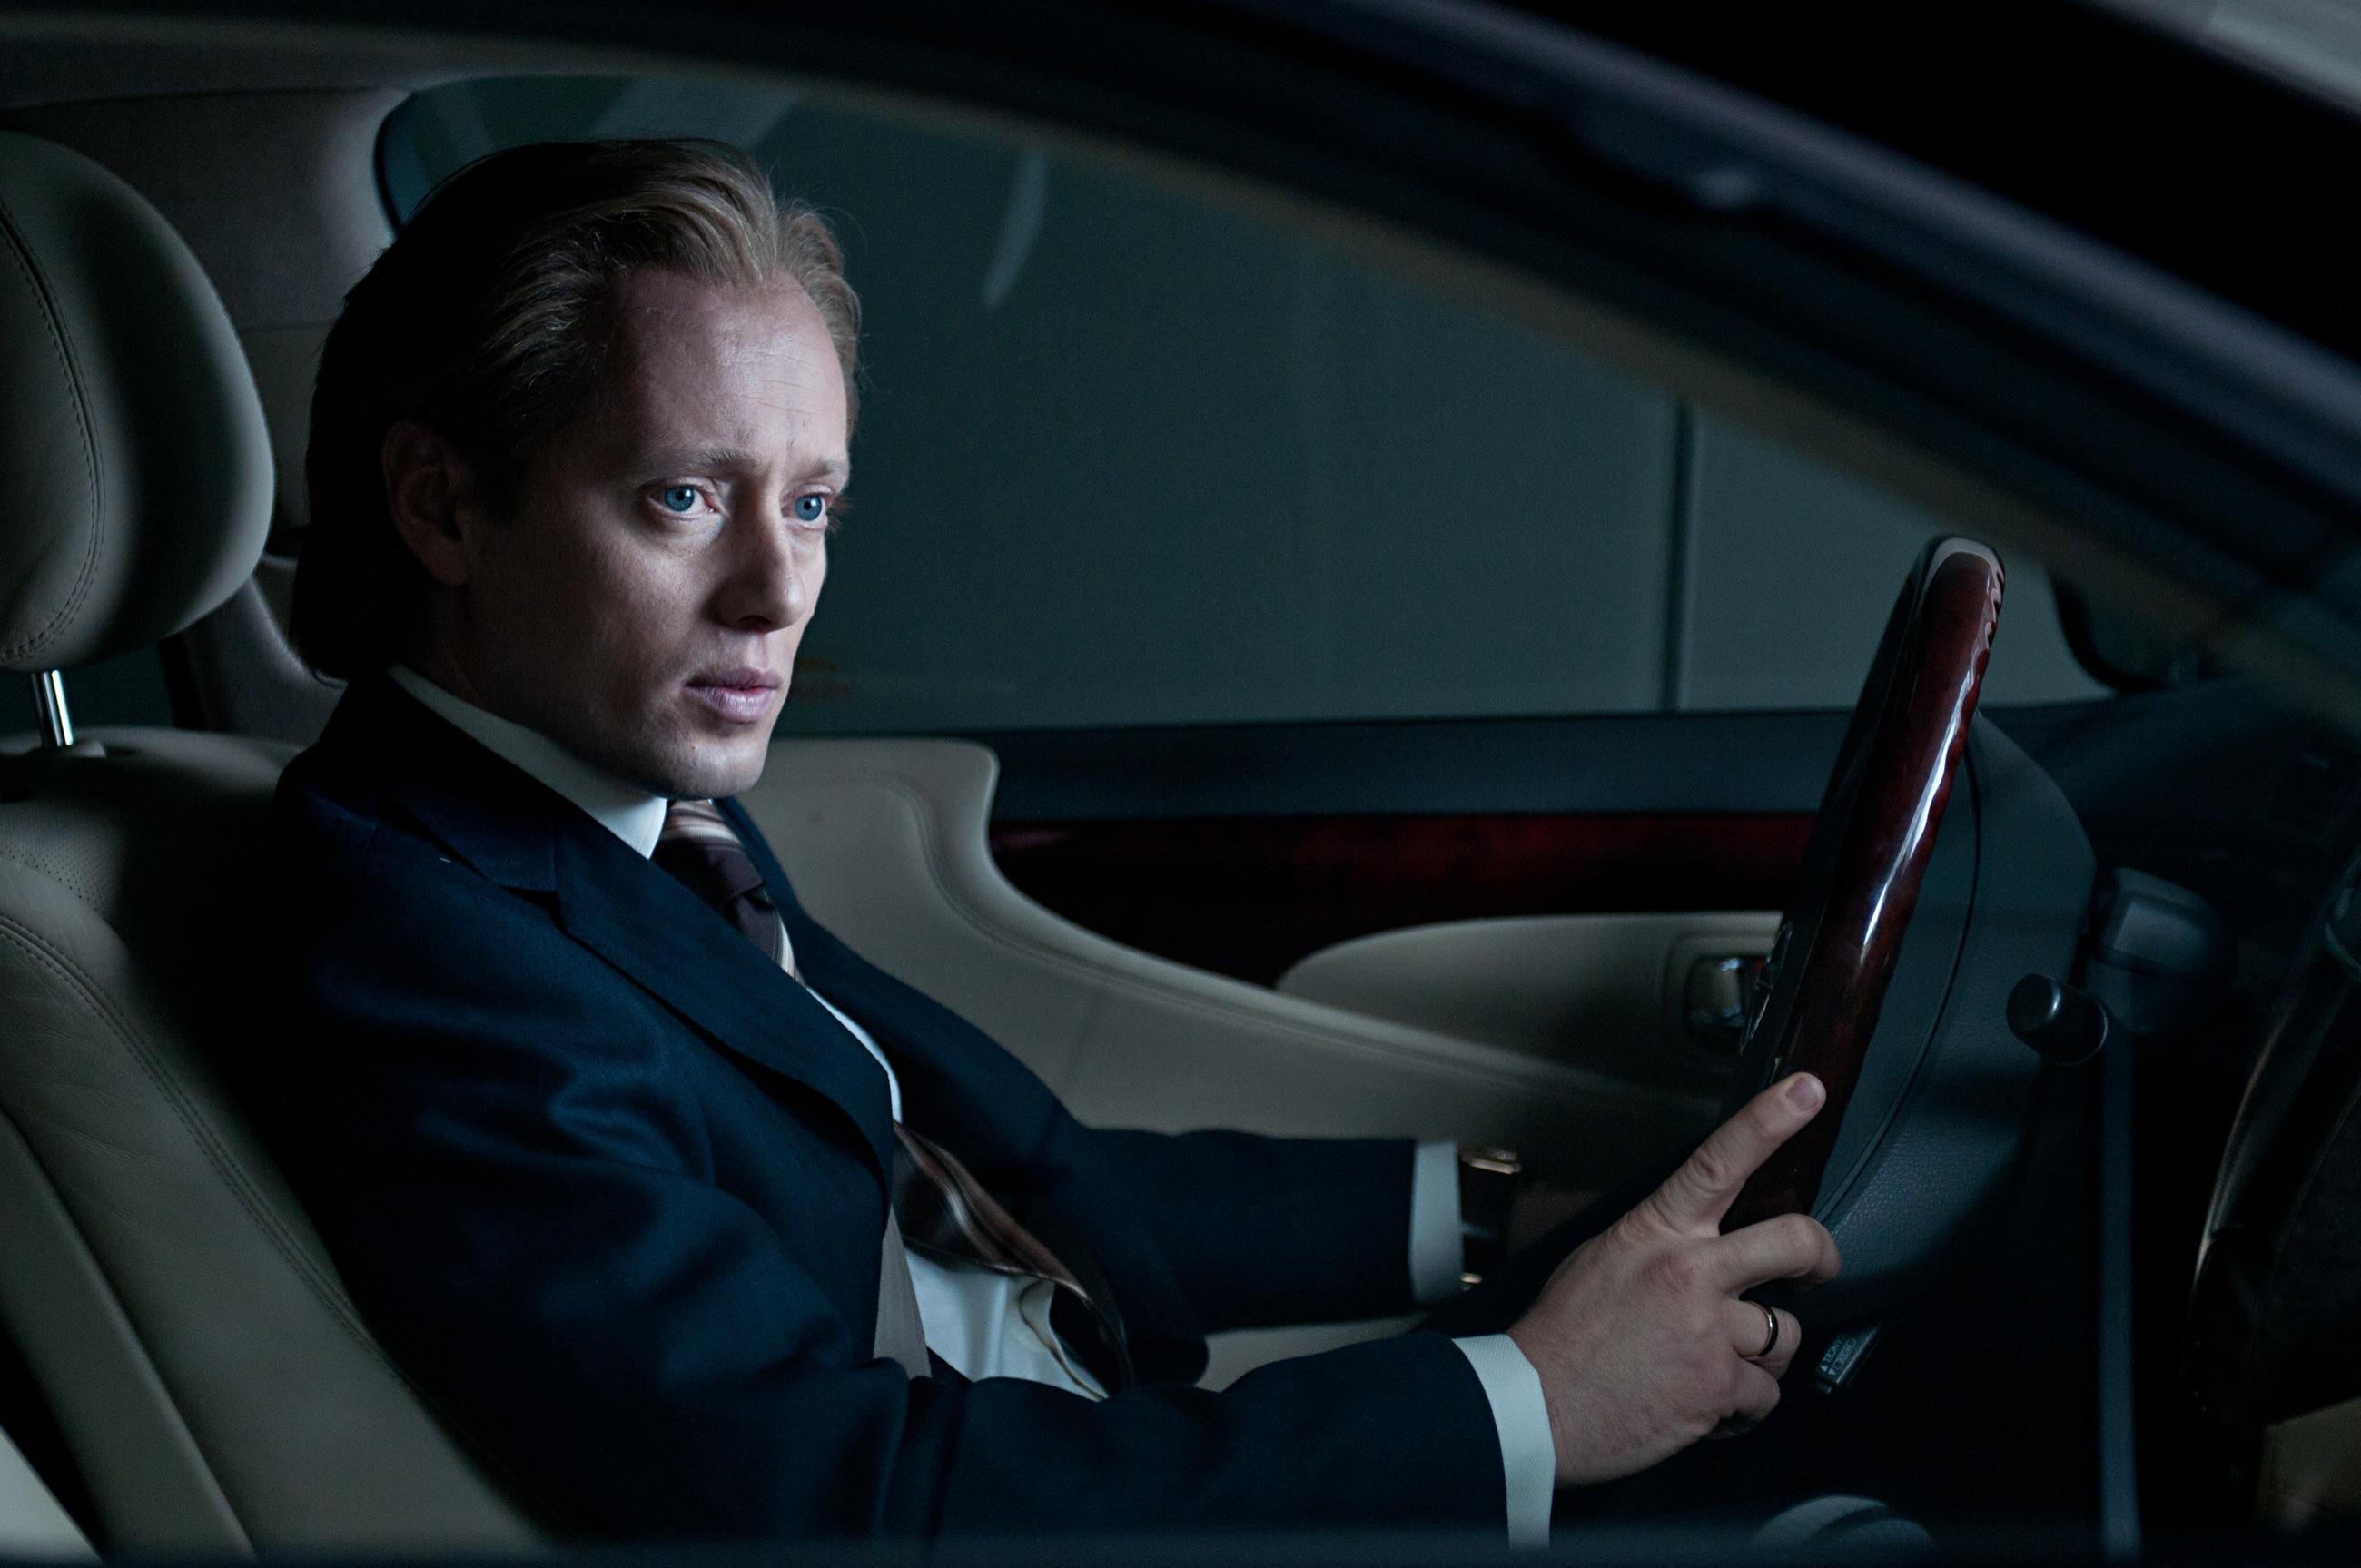 Headhunters Hodejegerne Review Craig Skinner On Film